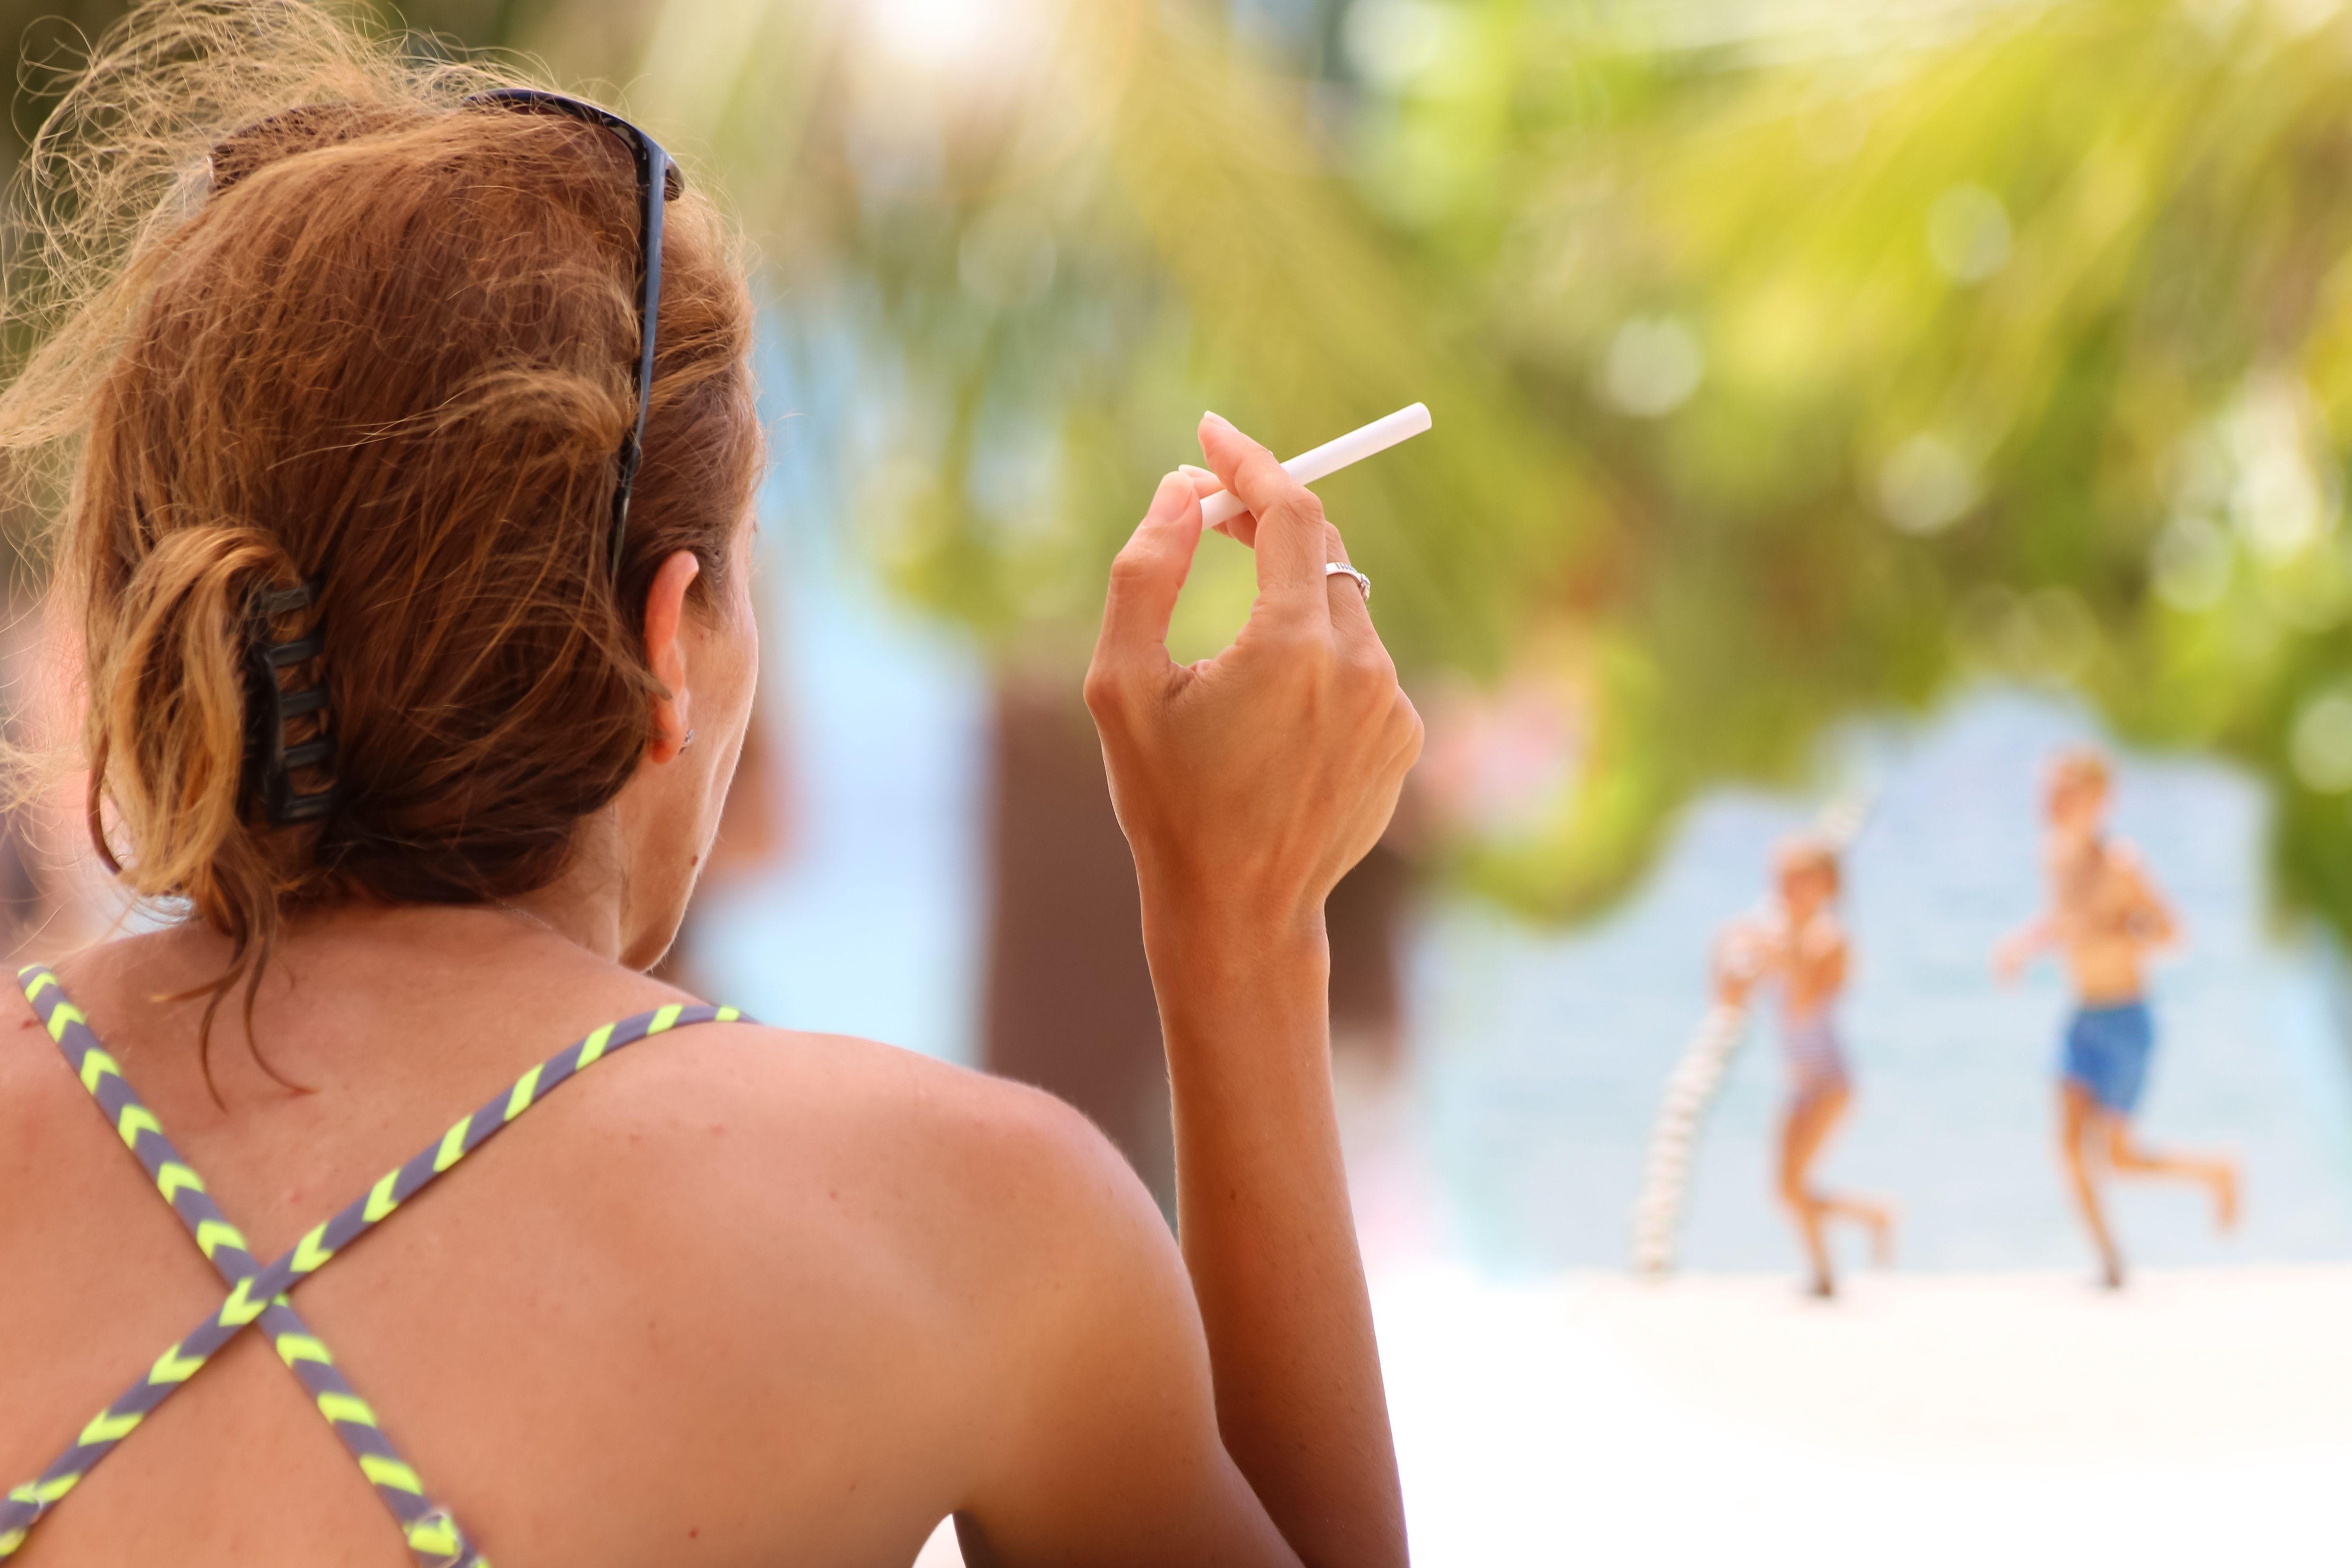 Na dvaceti thajských plážích si od listopadu nezapálíte. Pokud se zákaz osvědčí, rozšíří se i na další pláže.